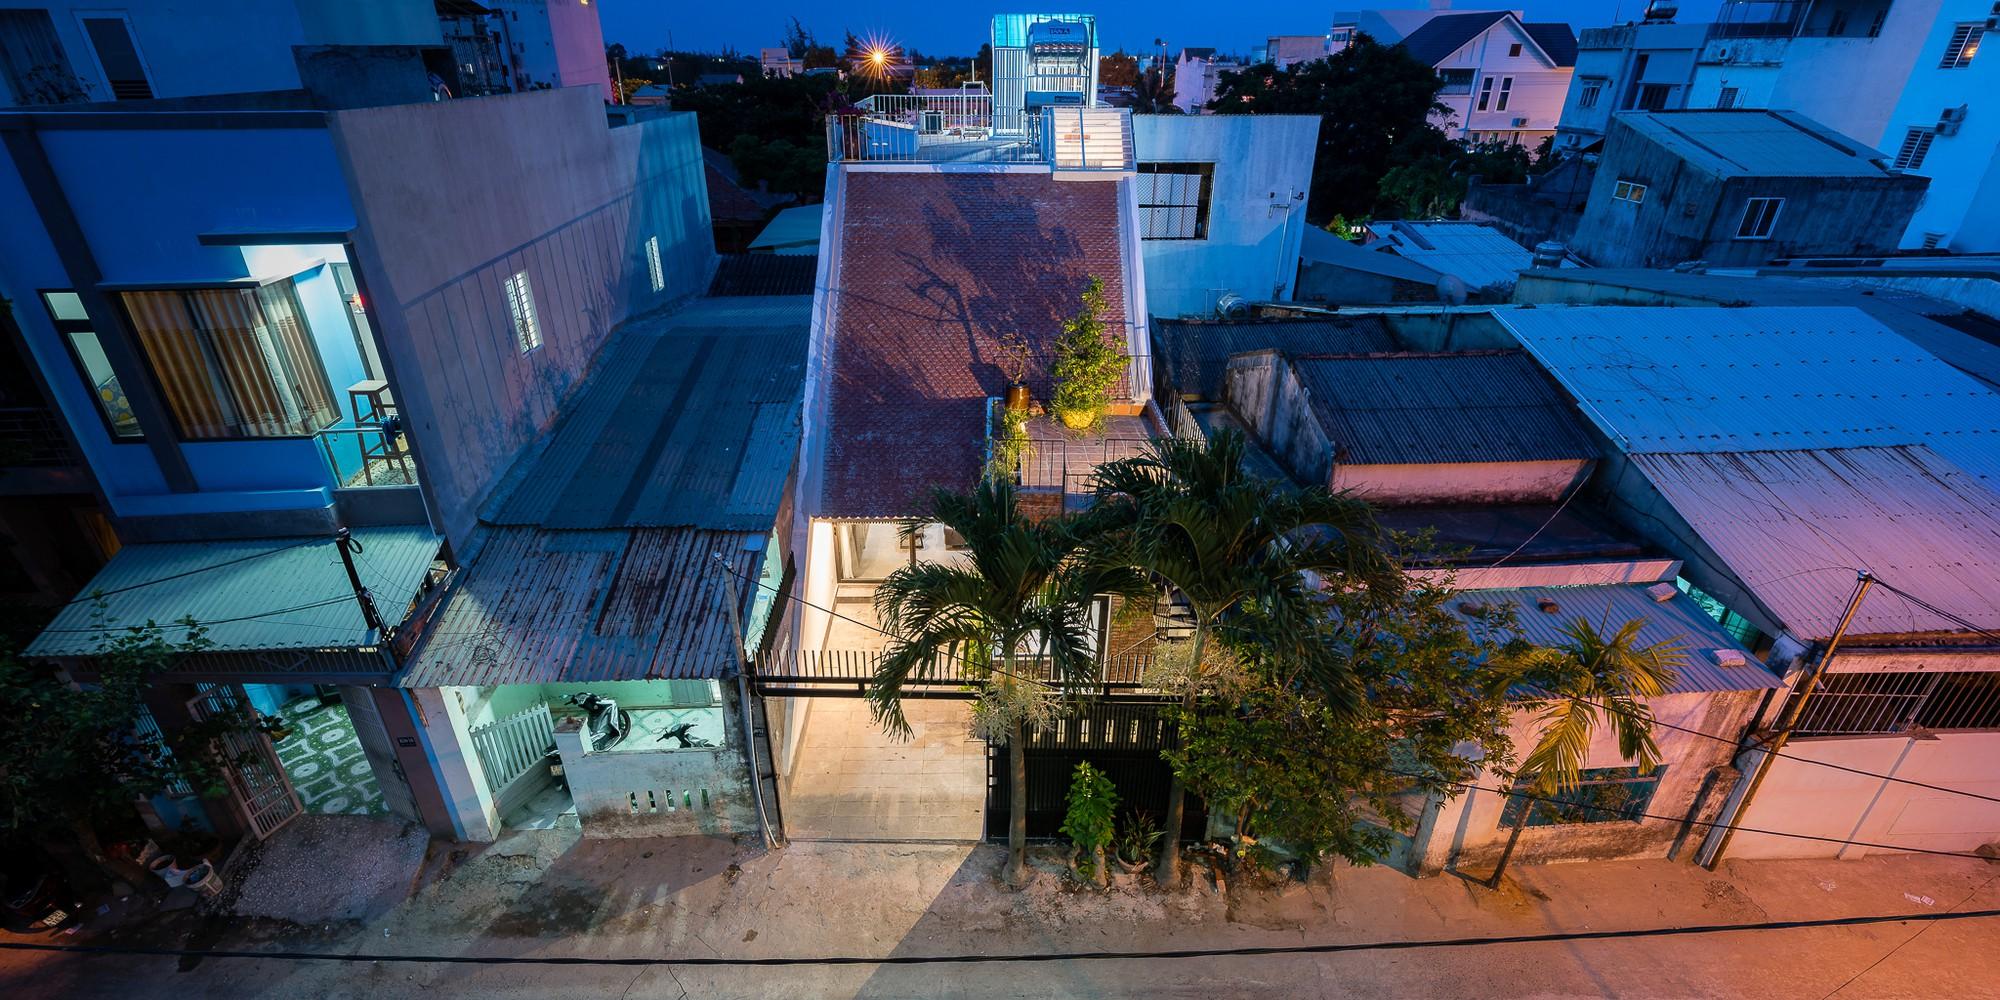 Ngôi nhà gạch 2 tầng của cặp vợ chồng già ở Đà Nẵng được tạp chí Mỹ xuýt xoa khen ngợi - Ảnh 1.